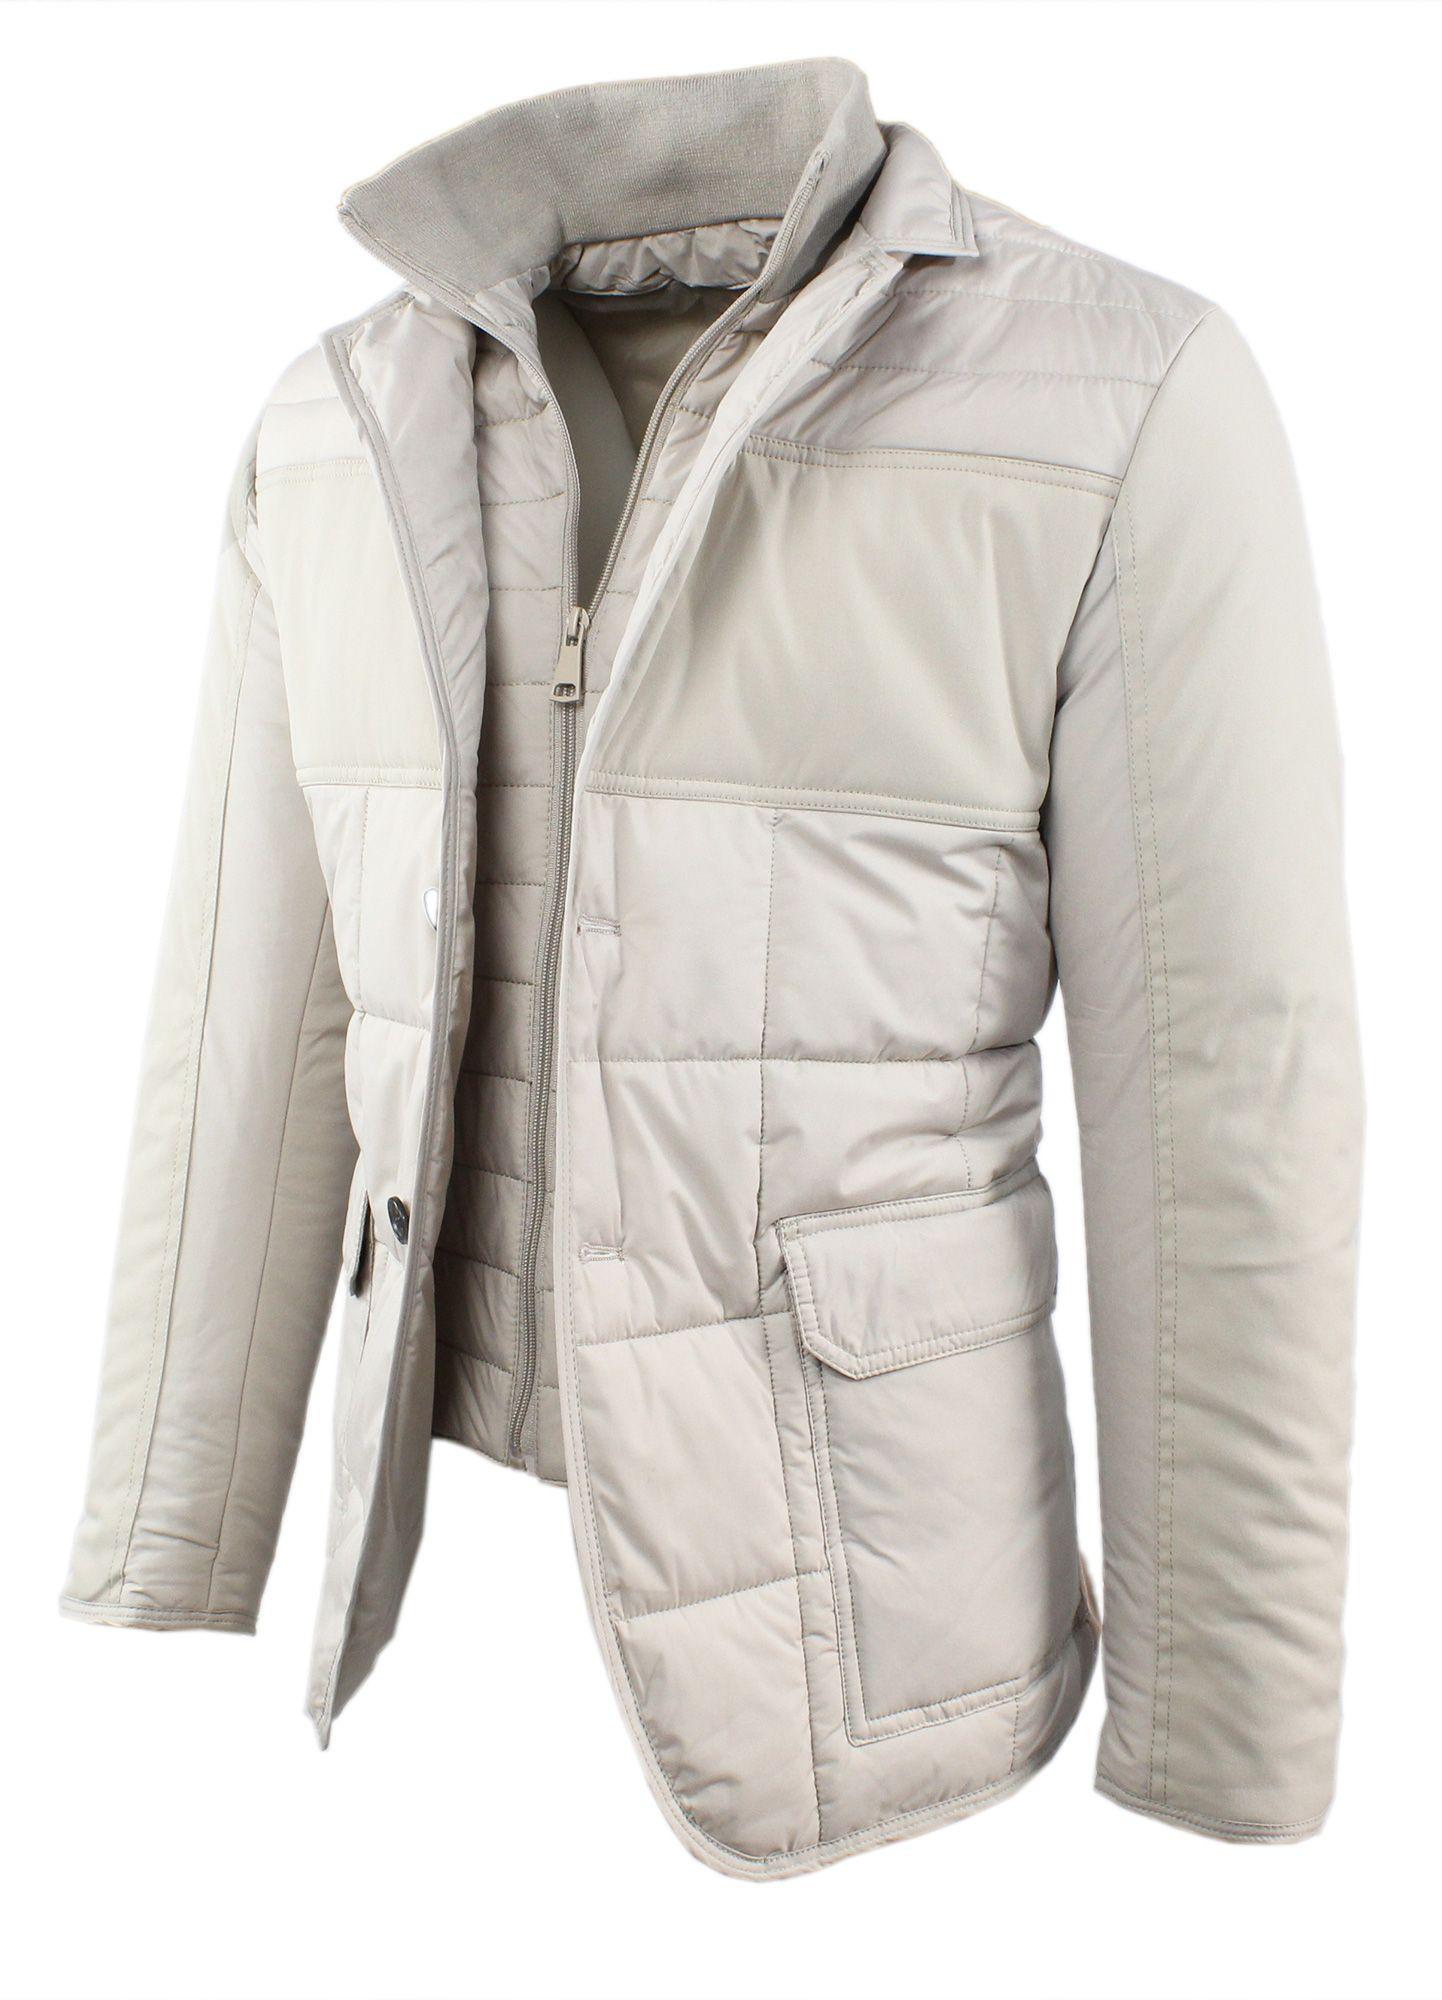 Giubbotto-Uomo-Invernale-Slim-Fit-Blu-Nero-Giacca-Elegante-Trapuntata-Cappotto miniatura 15